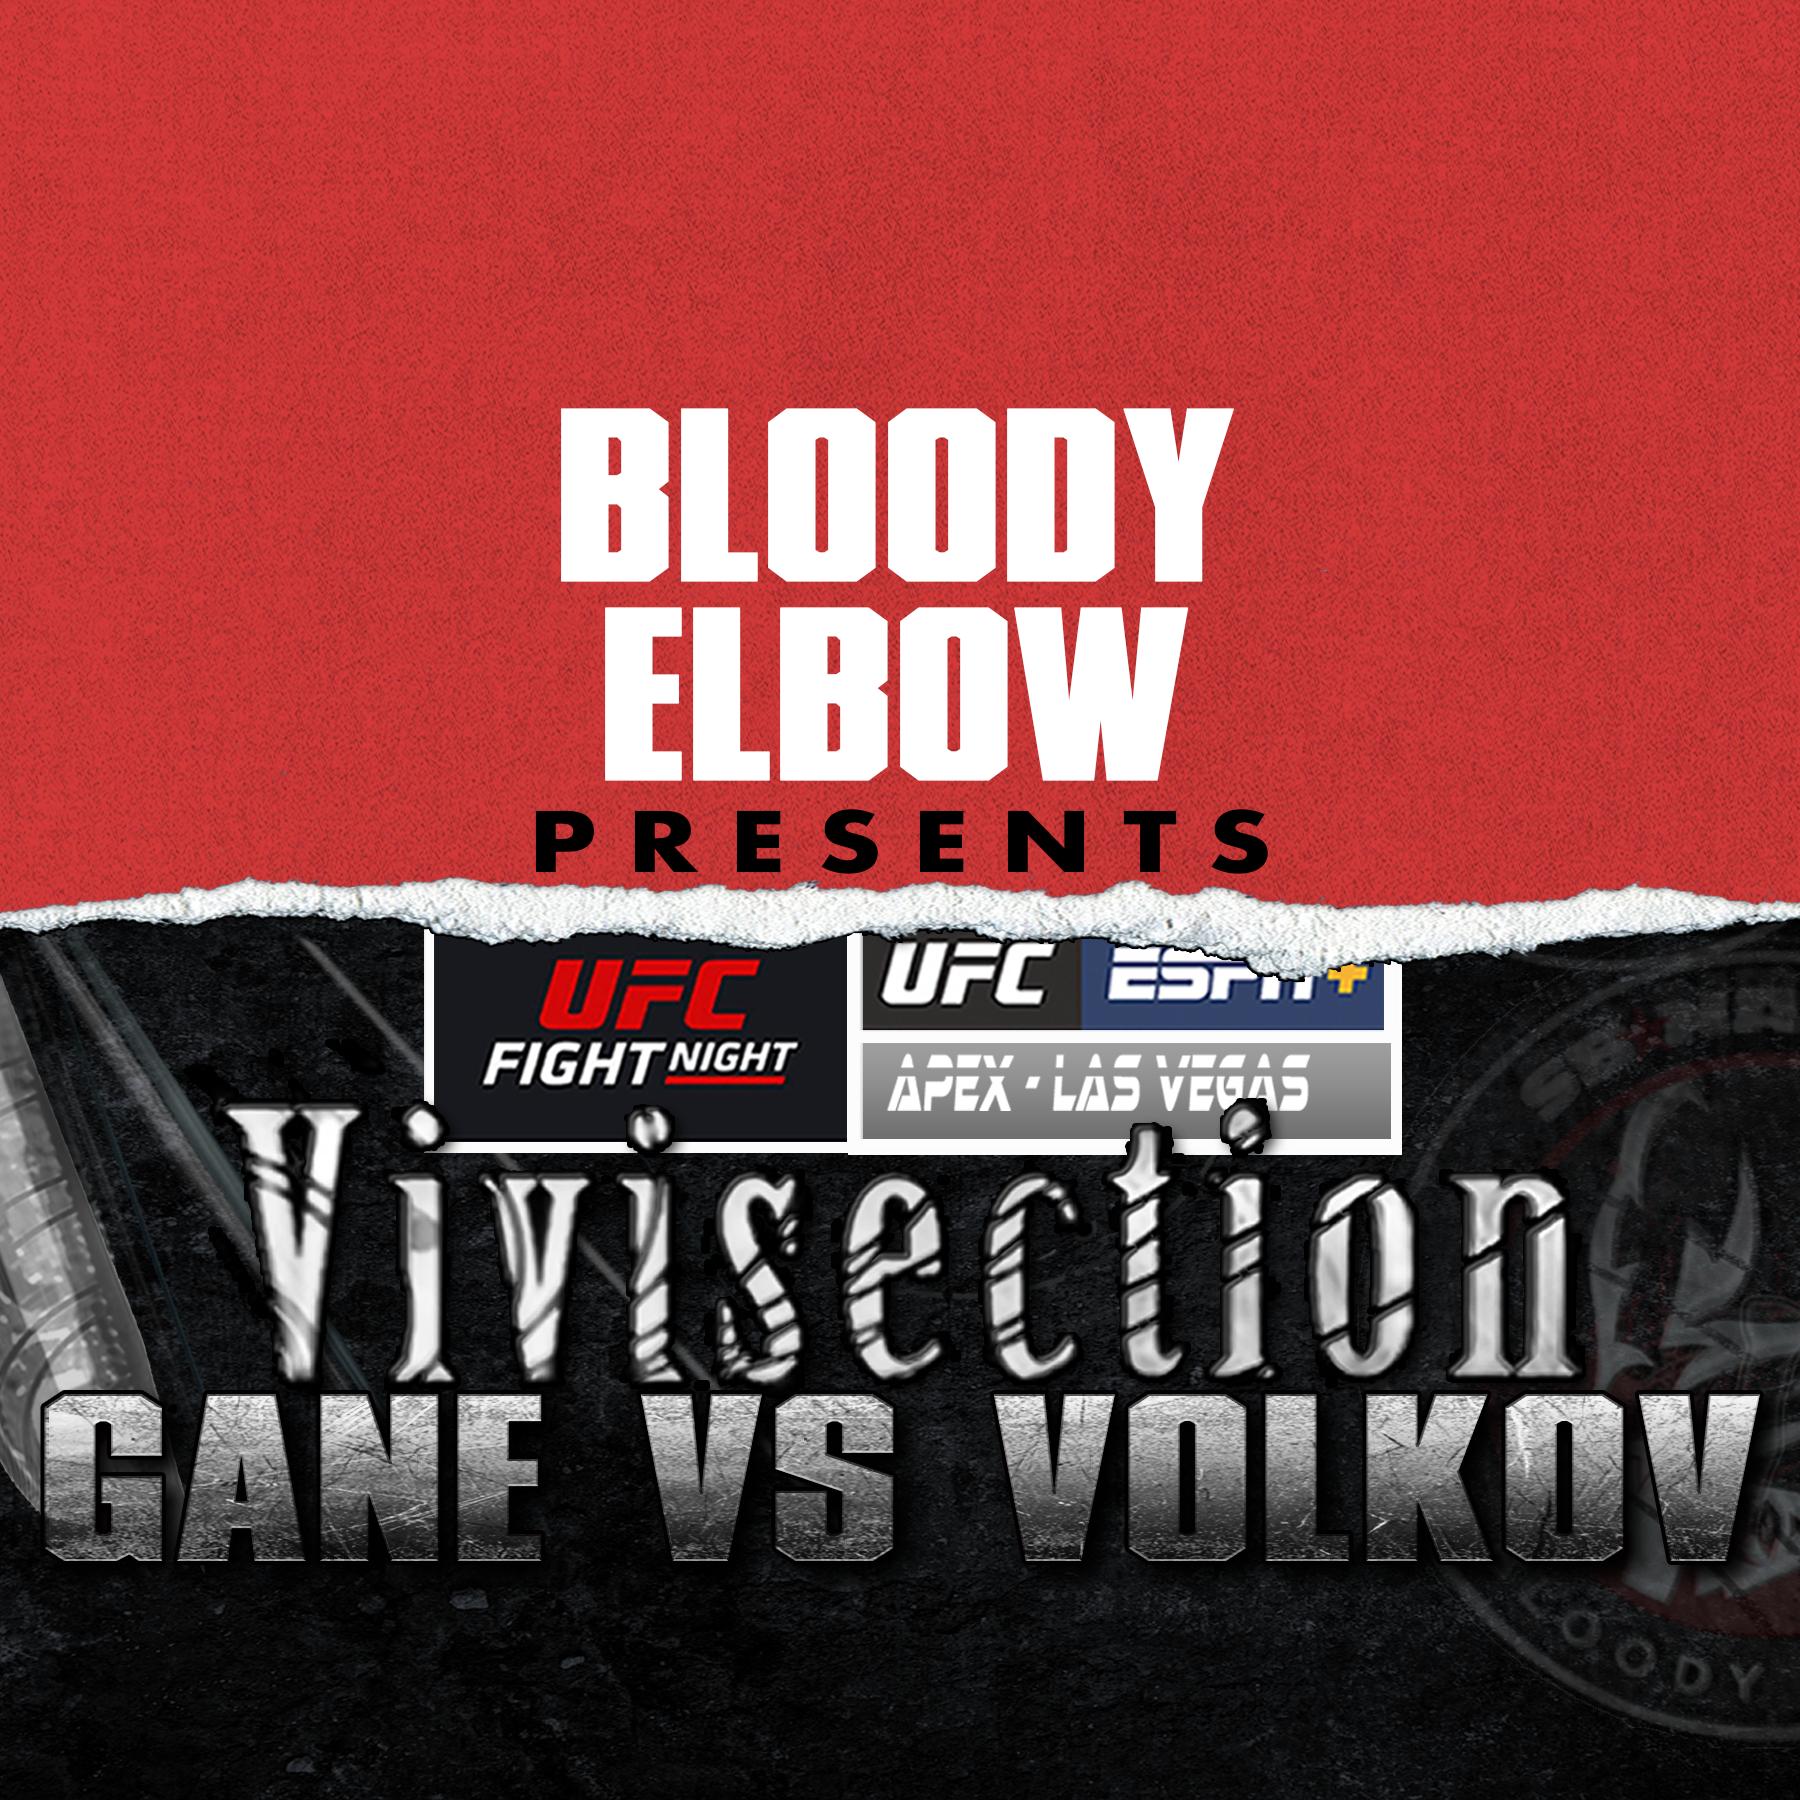 UFC Podcast, MMA Vivi, The MMA Vivisection, UFC Vegas 30, UFC Fight Night, UFC Preview, UFC Picks & Predictions, UFC analysis, UFC Odds, Ciryl Gane vs Alexander Volkov preview,